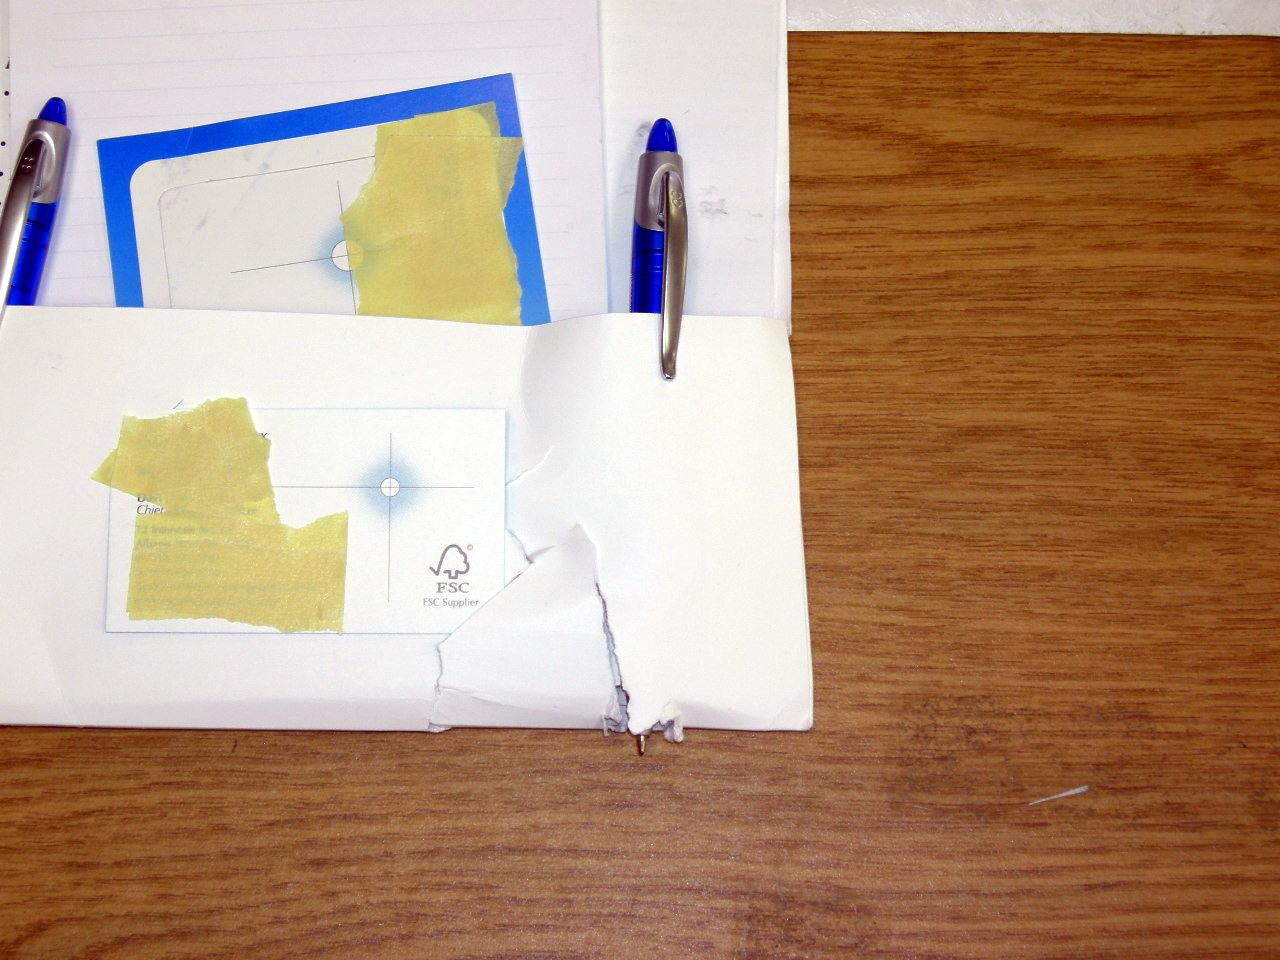 Expensive mailing arrives damaged